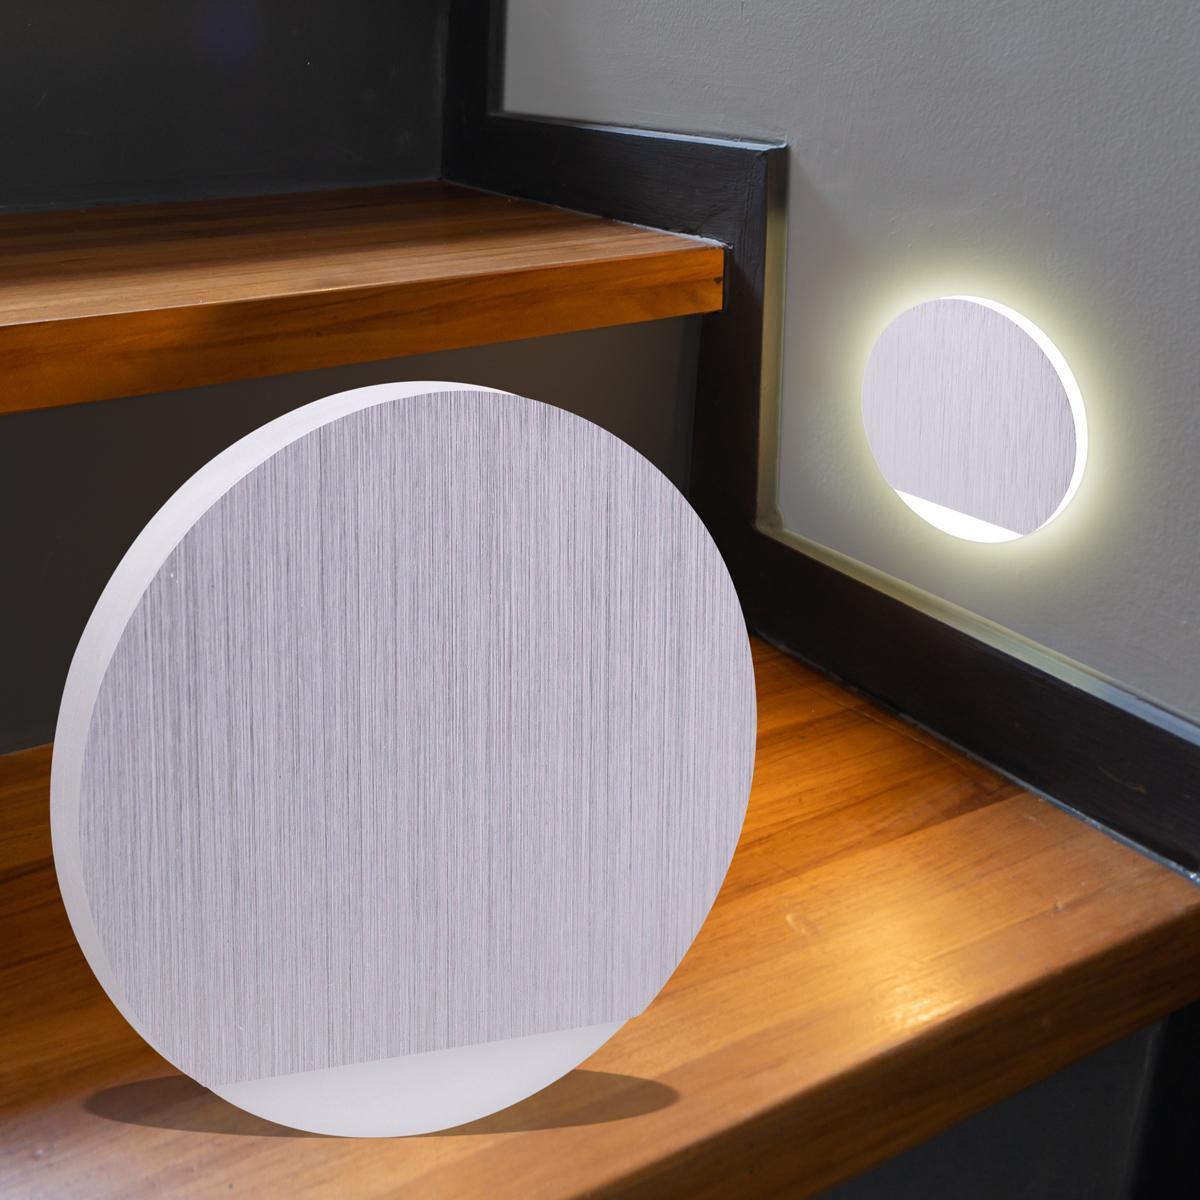 LED Treppenbeleuchtung rund Warmweiß 230V 1.5W Alu-gebürstet Lichtaustritt seitlich&frontal